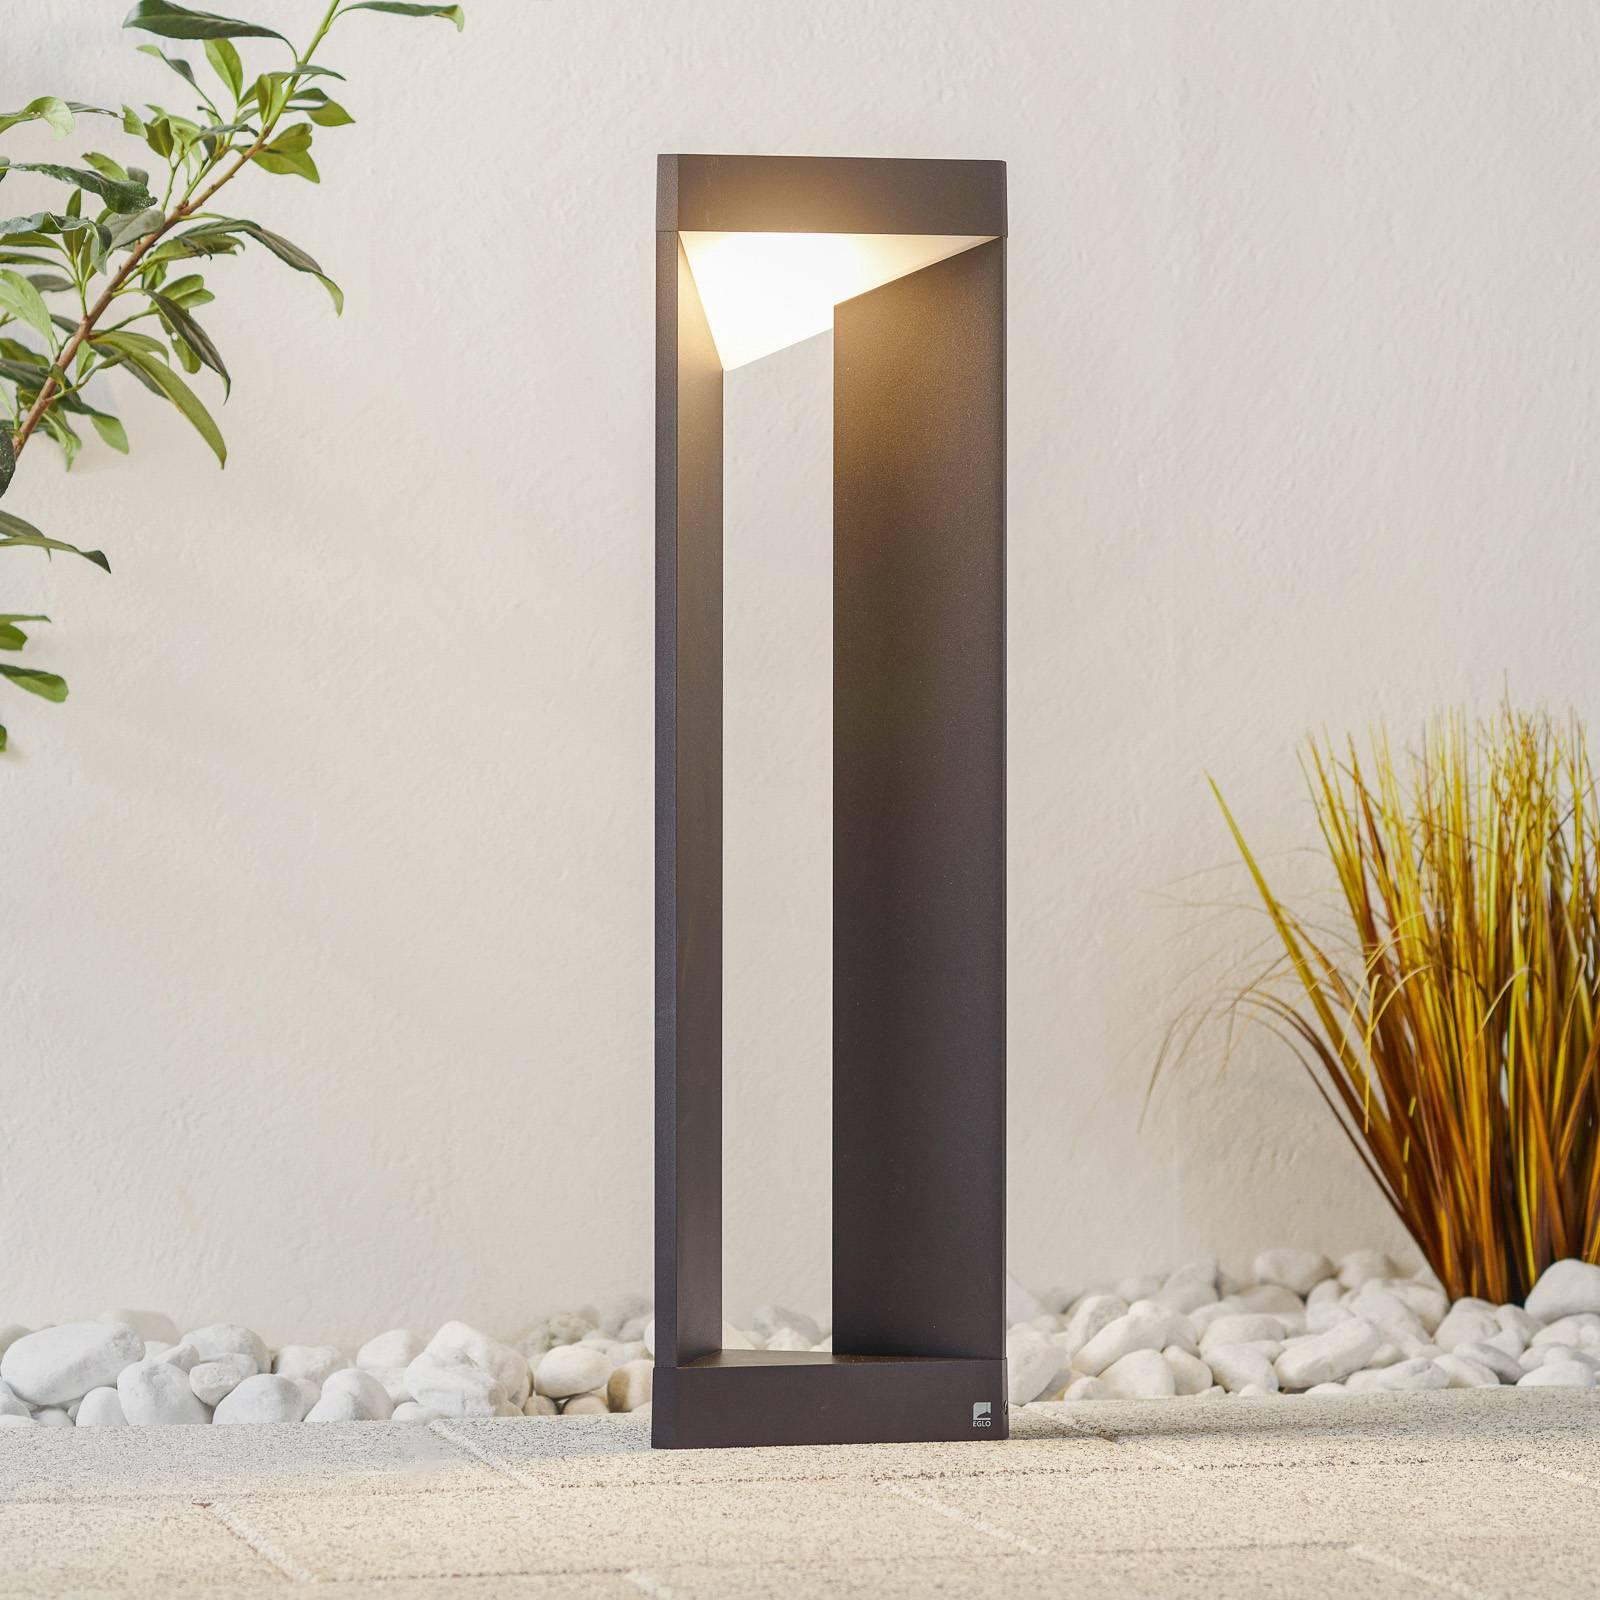 LED-pylväsvalaisine Nembro IP54 alumiinipainevalua